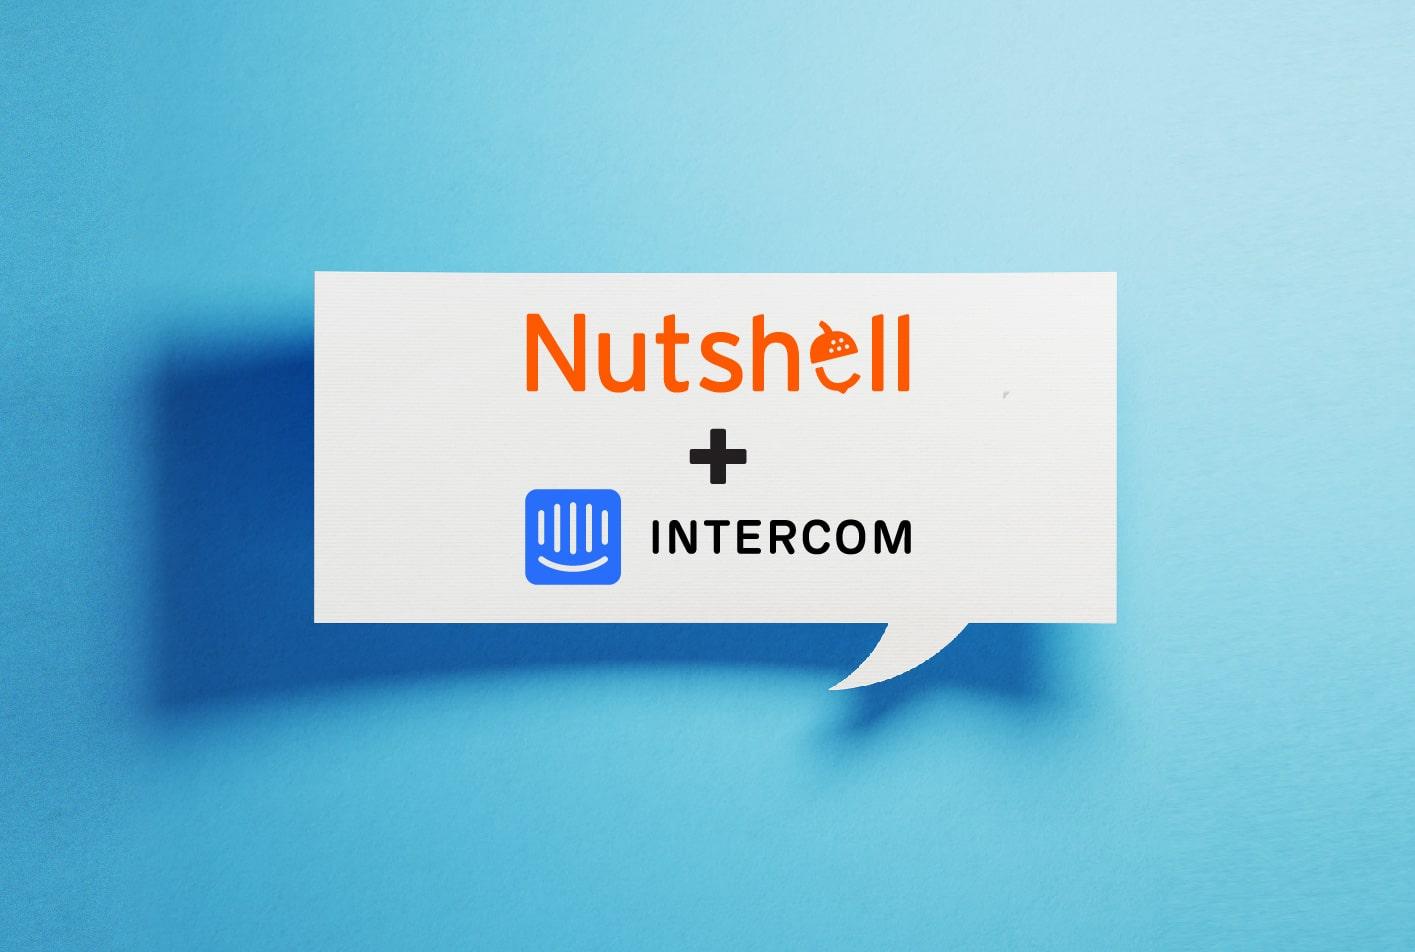 nutshell intercom integration crm web chat integration